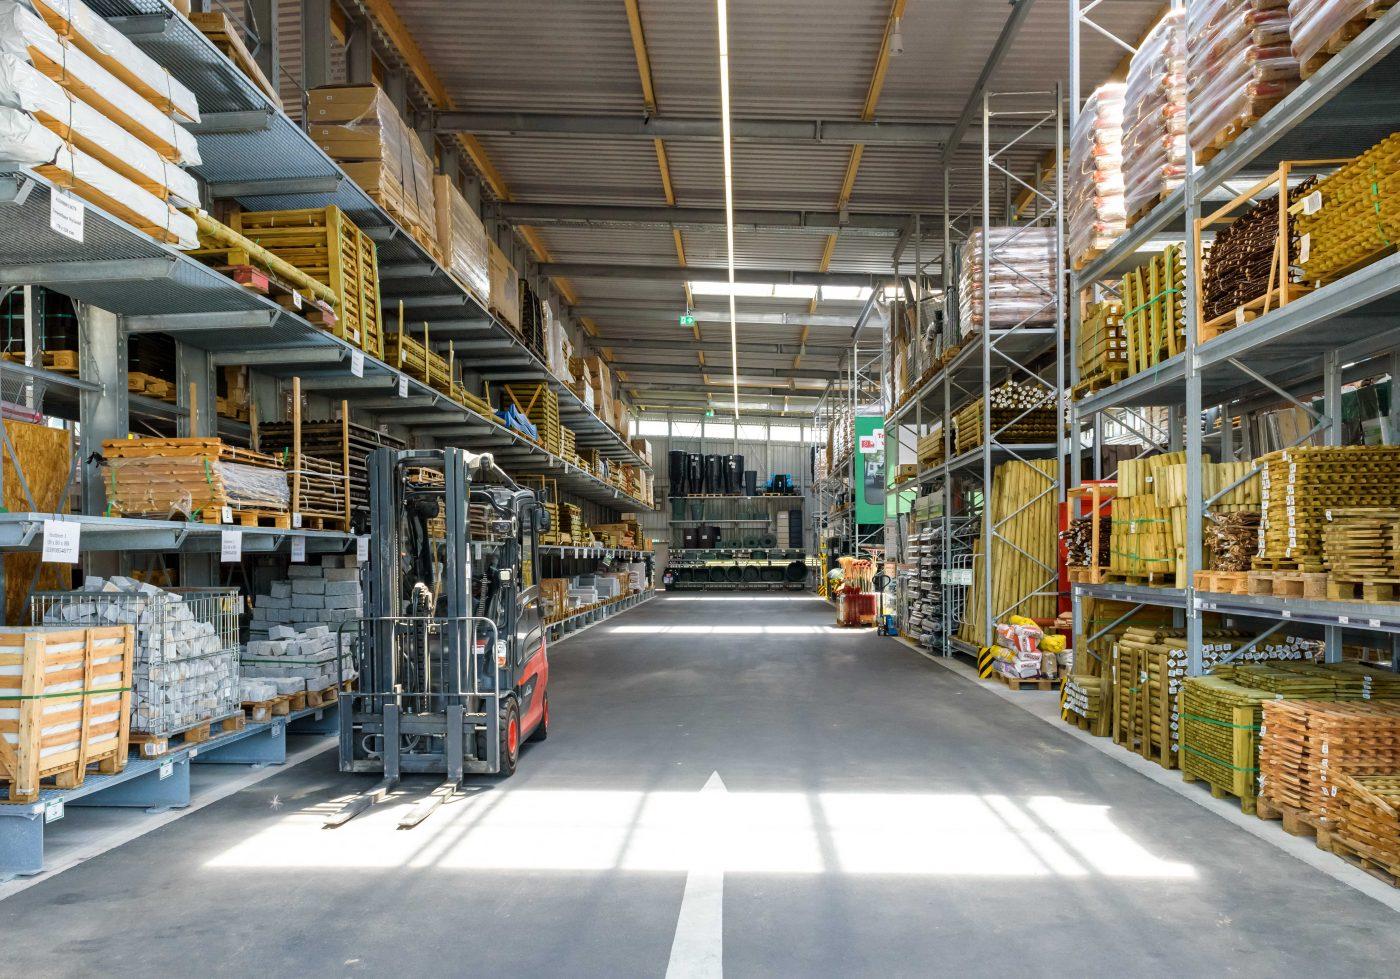 Sistema de estanterías de paletización y cantilever de OHRA para almacenar artículos de jardinería y madera